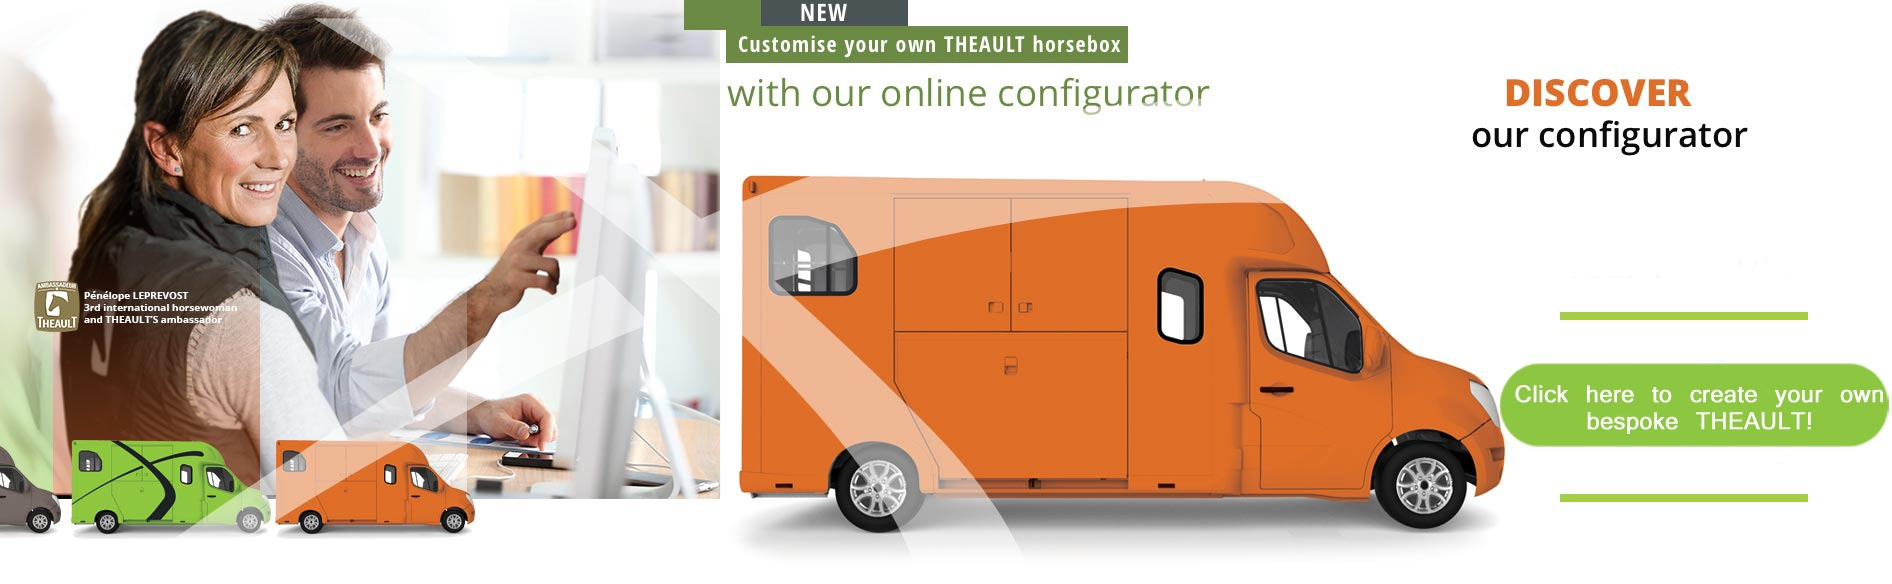 Renteo Horsebox Configurator